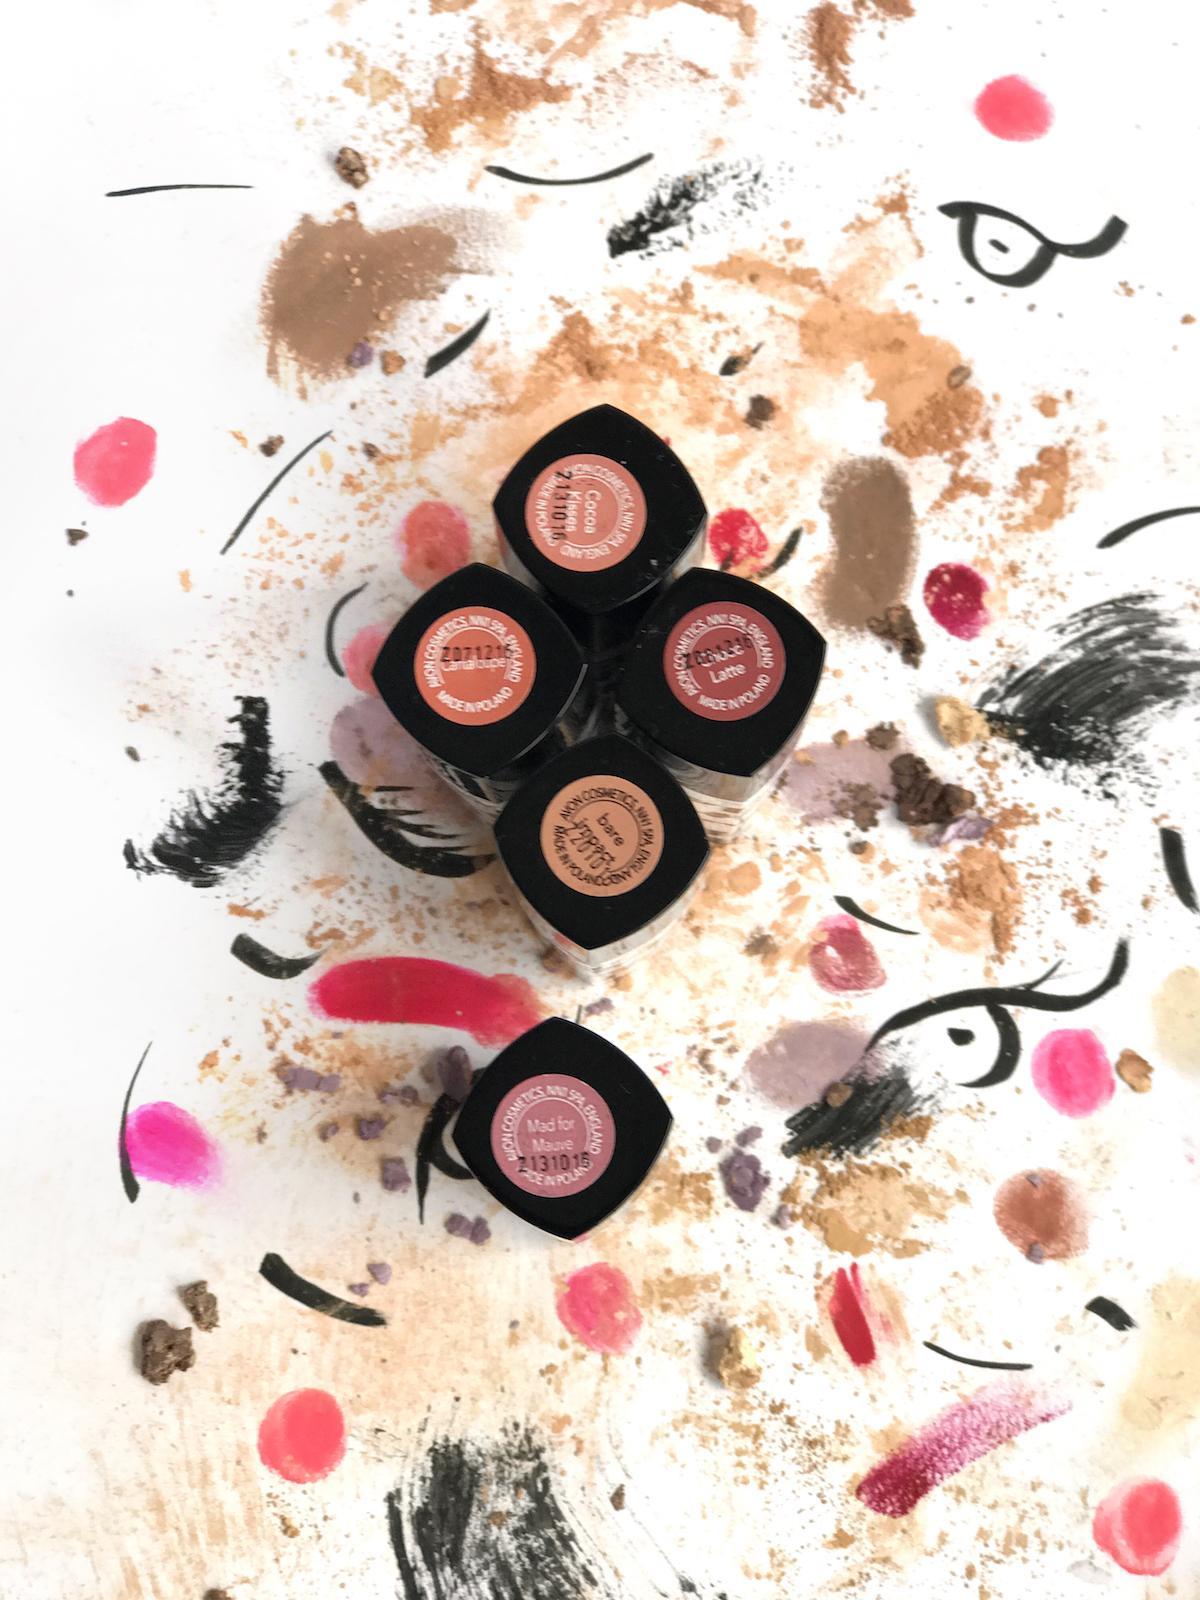 Avon Mark Lipstick Nude Tones Beautyfullblog